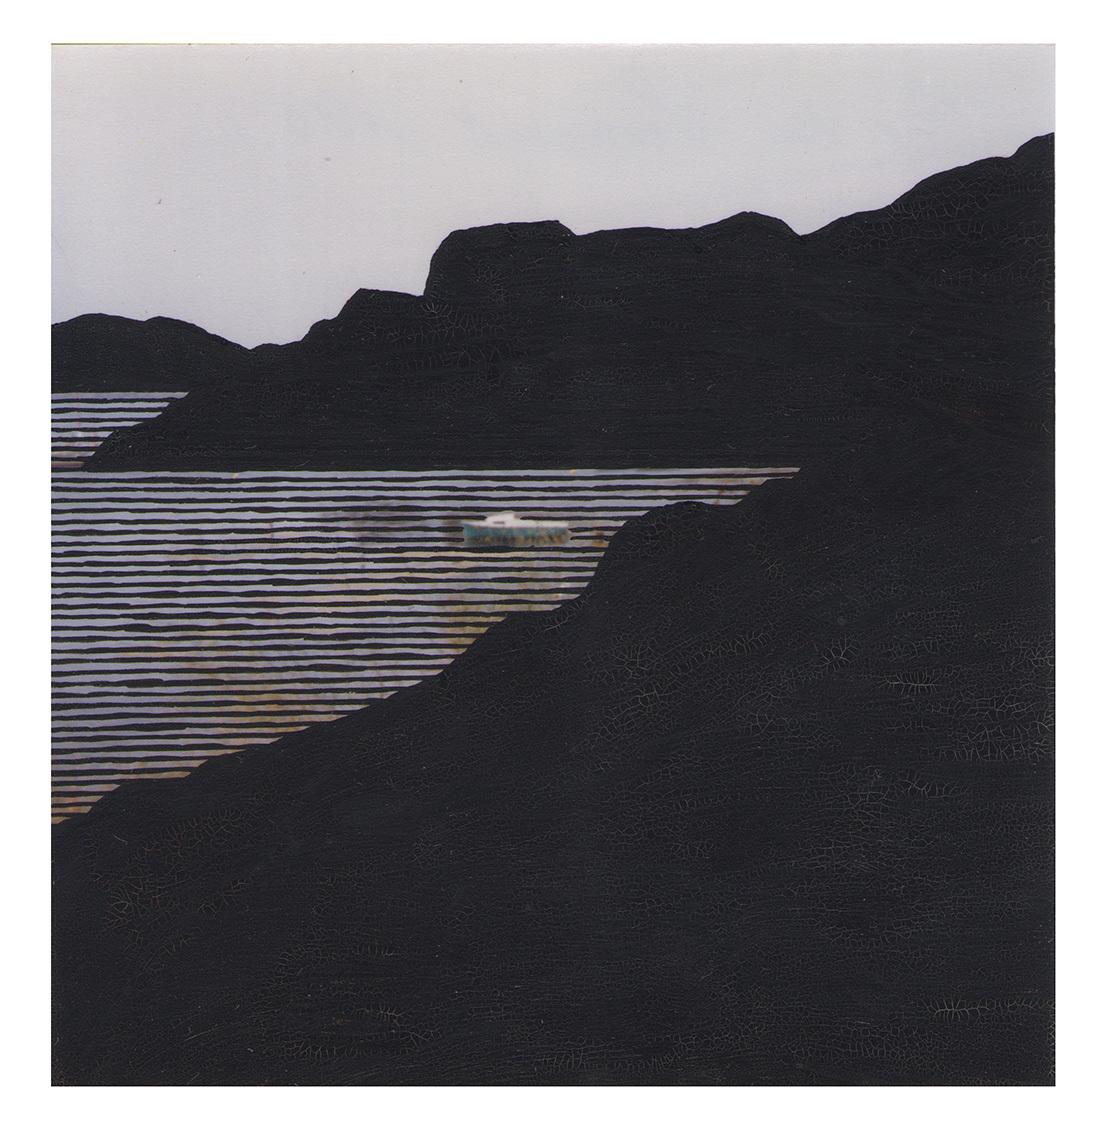 Jochen Gerner - Lac Noir • Jusqu'au 8 avril